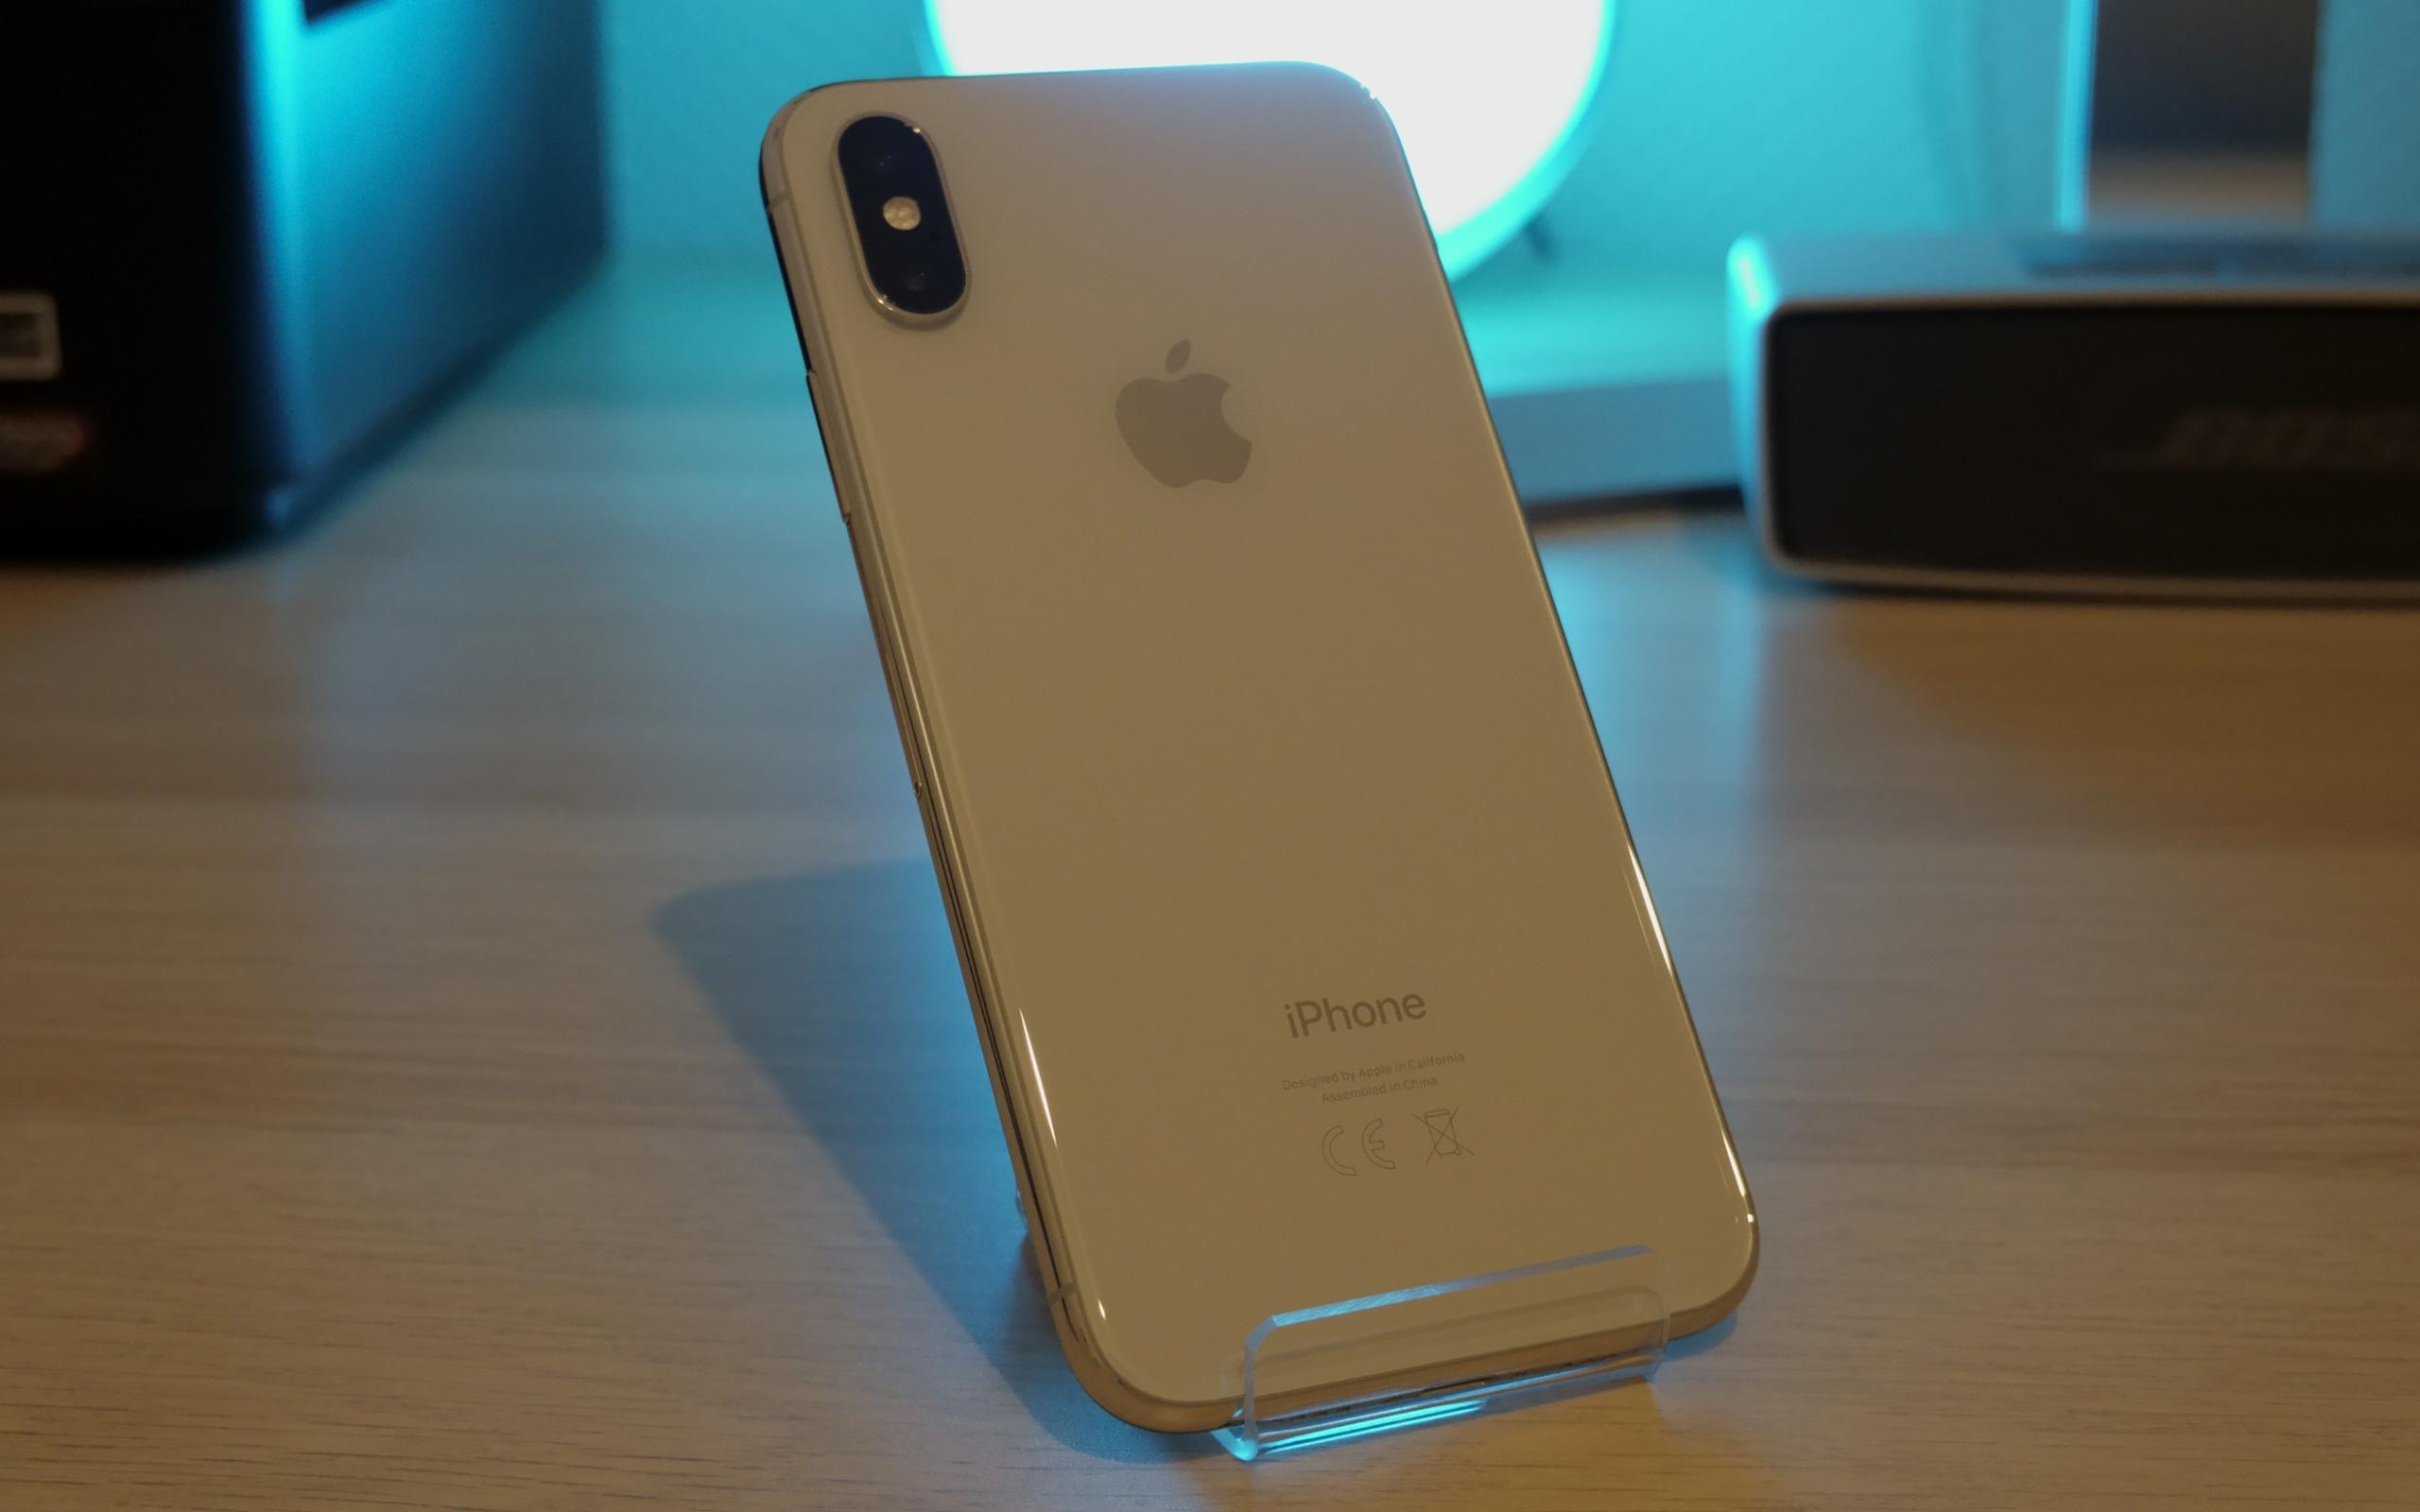 Das iPhone XS lässt sich durch die Rückseite aus Glas kabellos laden.